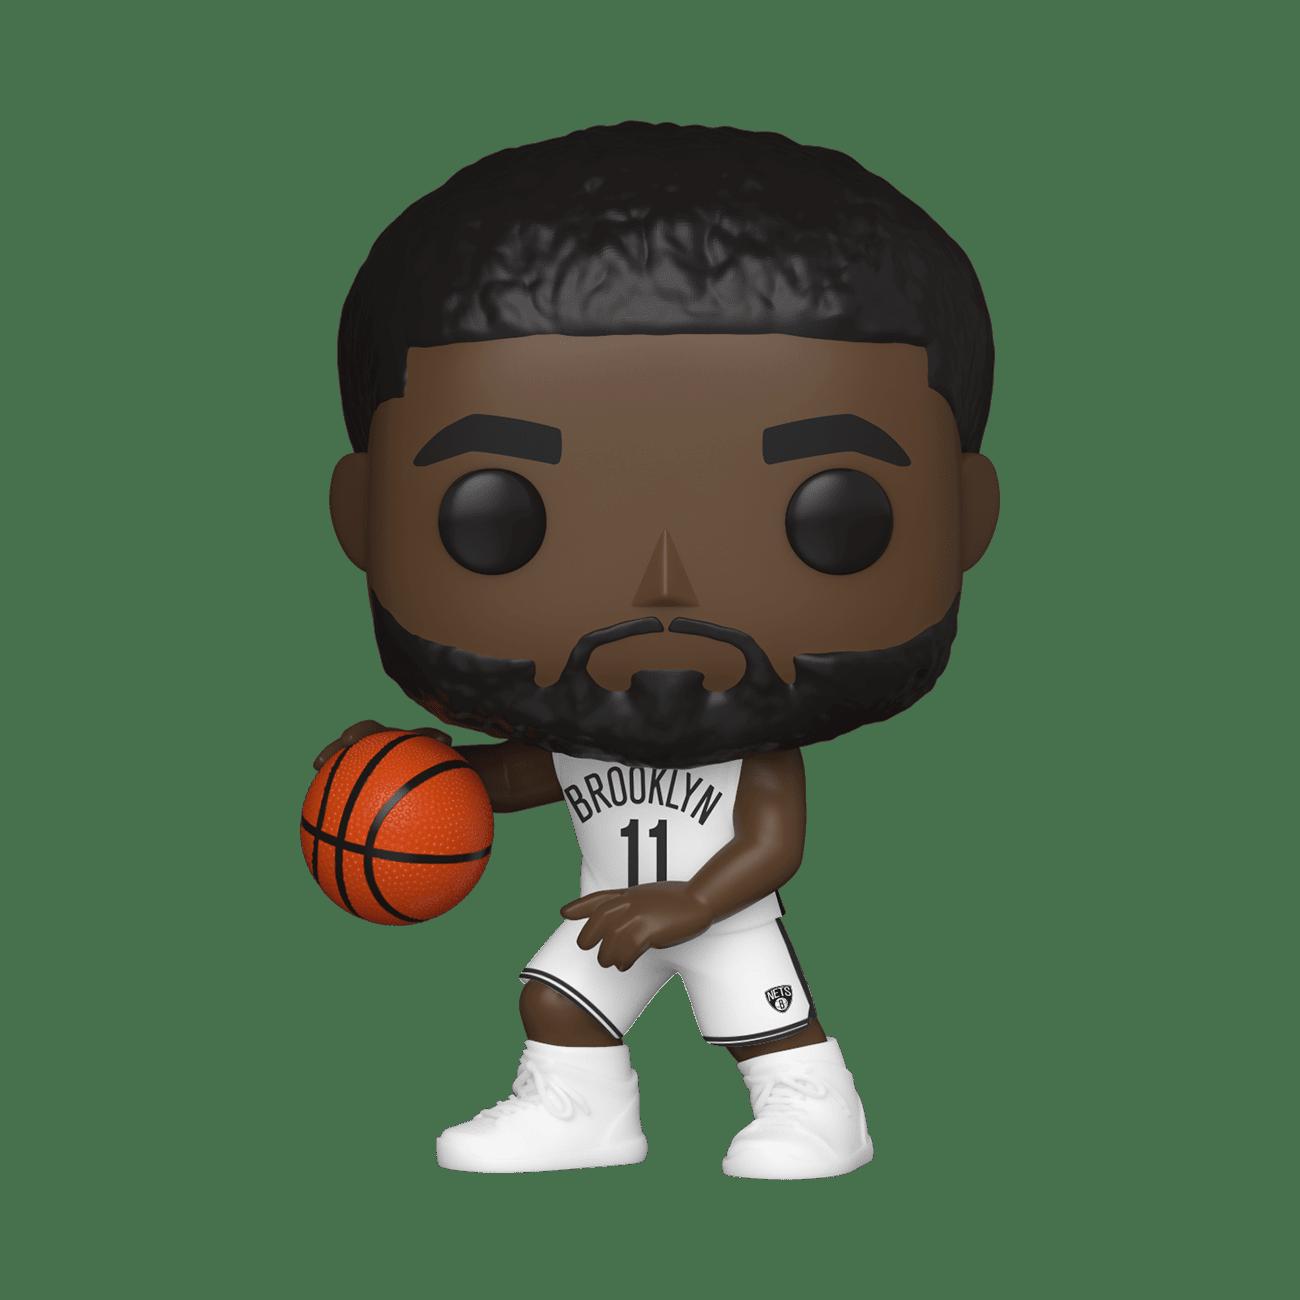 NBA: Nets - Kyrie Irving POP! Vinyl Figure